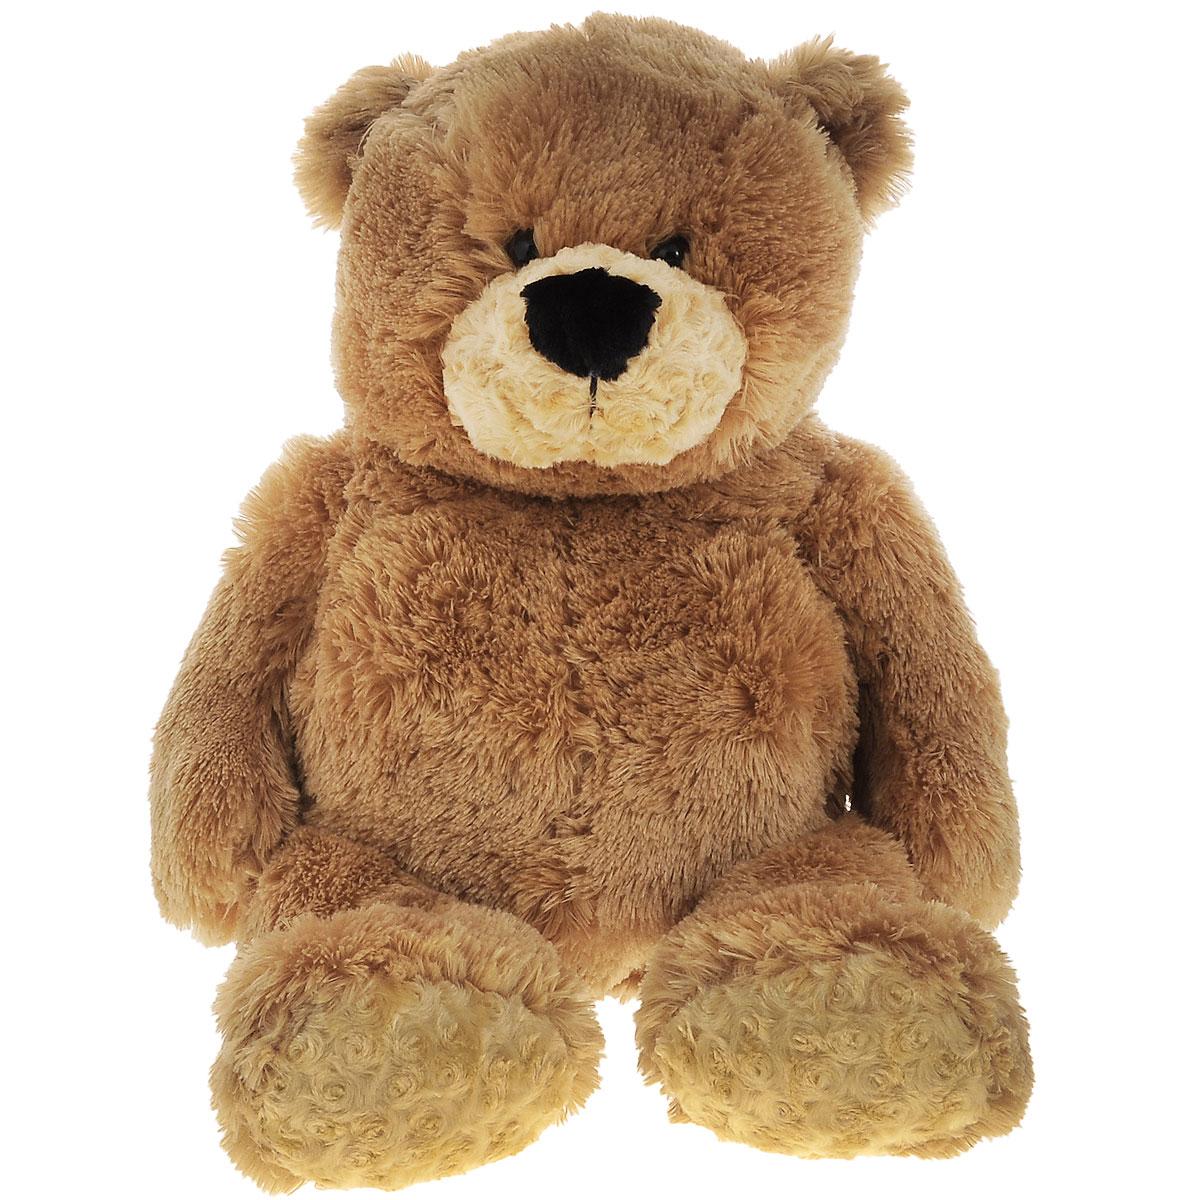 Plush Apple Мягкая игрушка Медведь, 80 смK60321B1Мягкая игрушка Plush Apple Медведь отлично подойдет в качестве подарка для ребенка или взрослого. Большой плюшевый Мишка произведен из безопасных и высококачественных материалов. С ним можно спать или играть в сюжетно-ролевые игры. Мишка подарит много сладких снов и хорошего настроения вам и вашему малышу. Пусть дорогой вам человек станет счастливым обладателем этого симпатичного медвежонка.